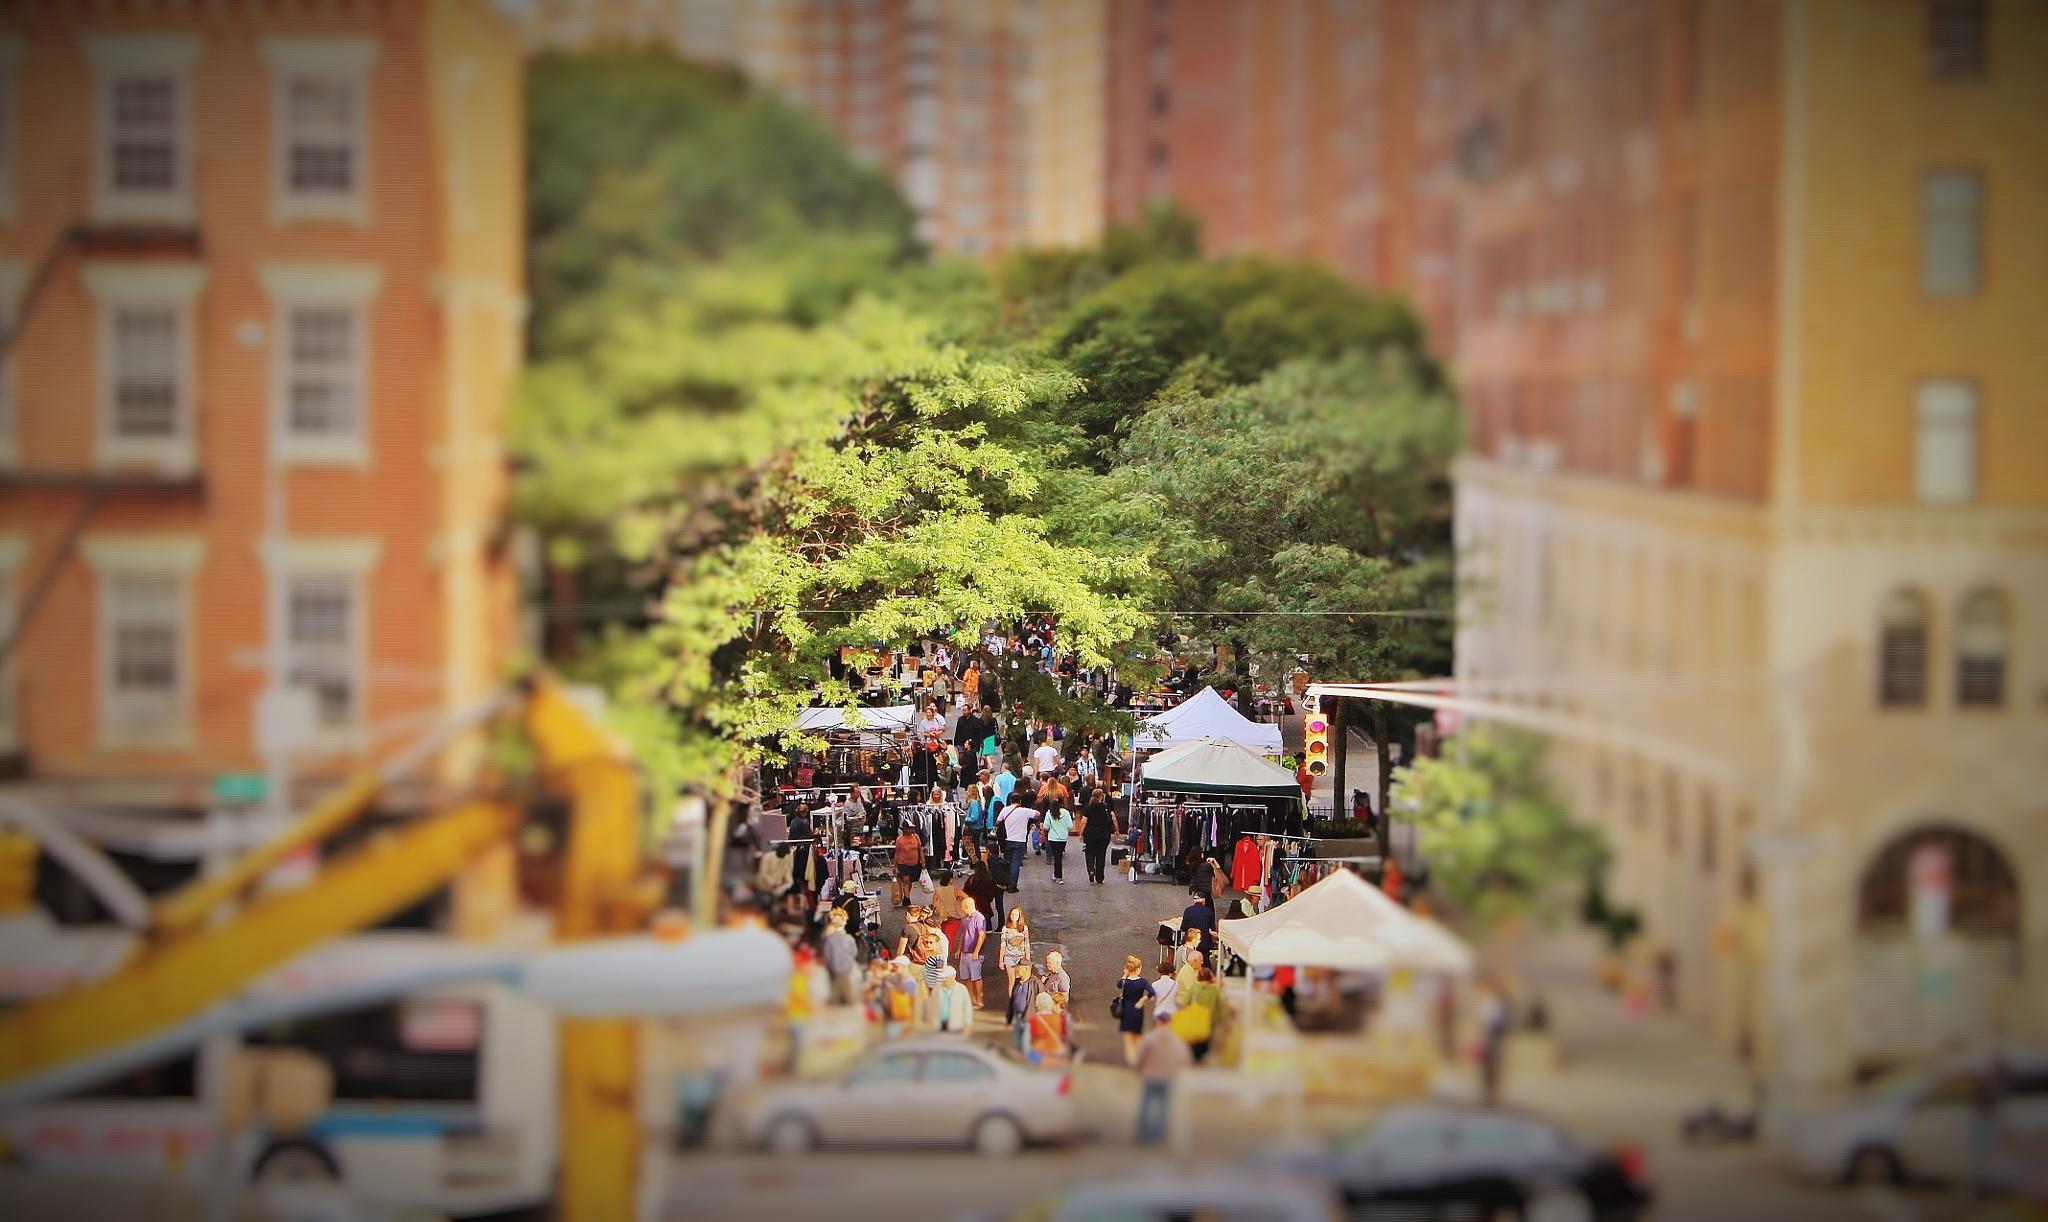 Flea Market People, by Liborio Drogo